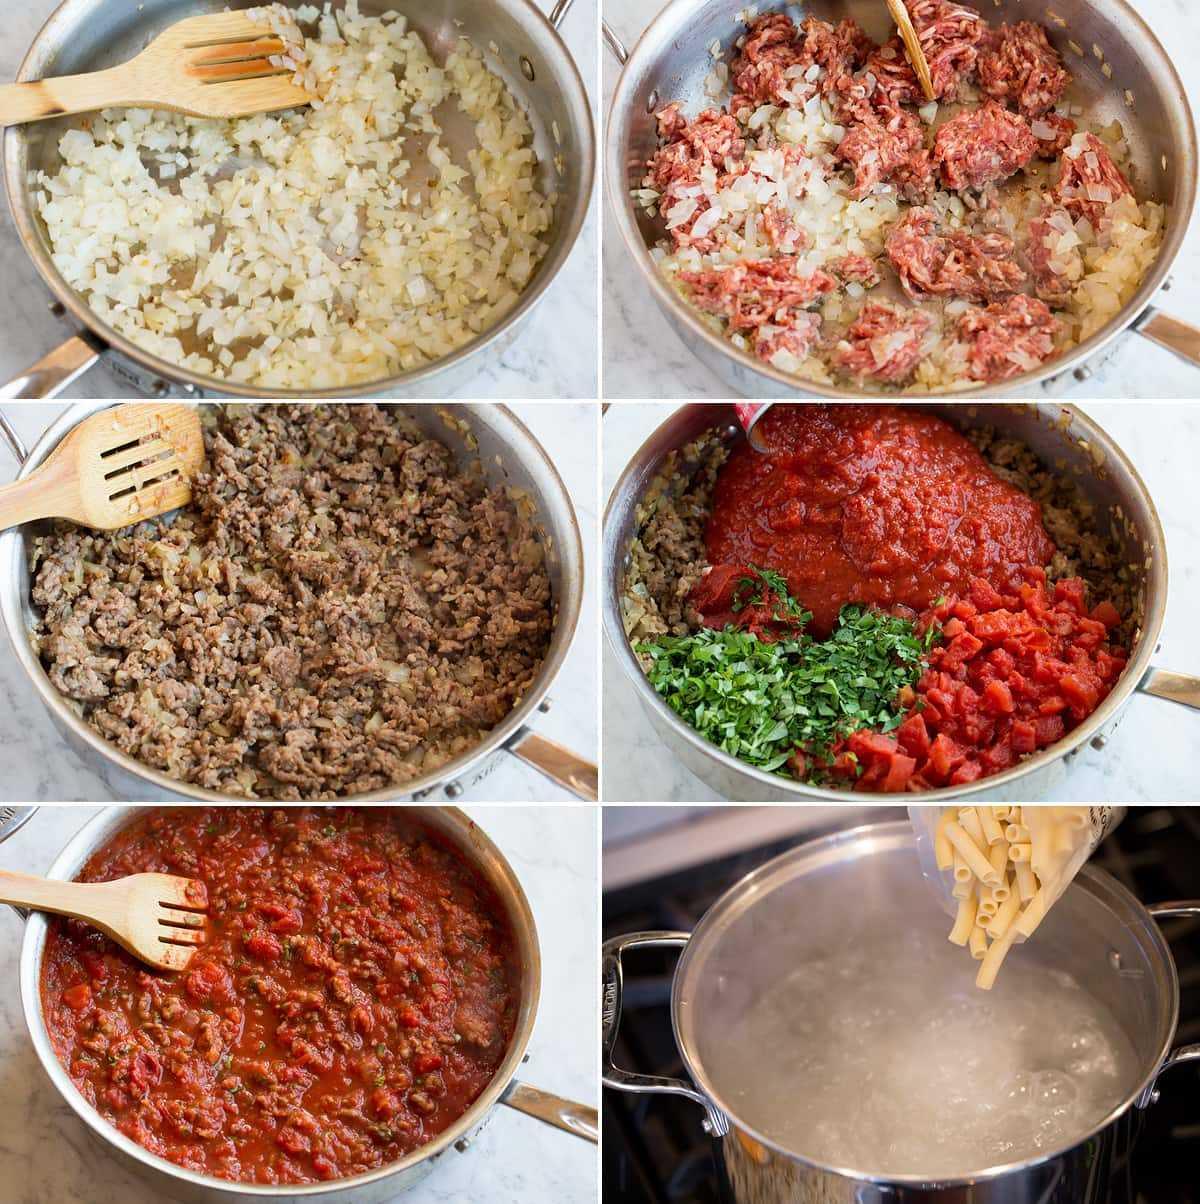 Imagen de los pasos que muestran cómo hacer la salsa para ziti horneado.